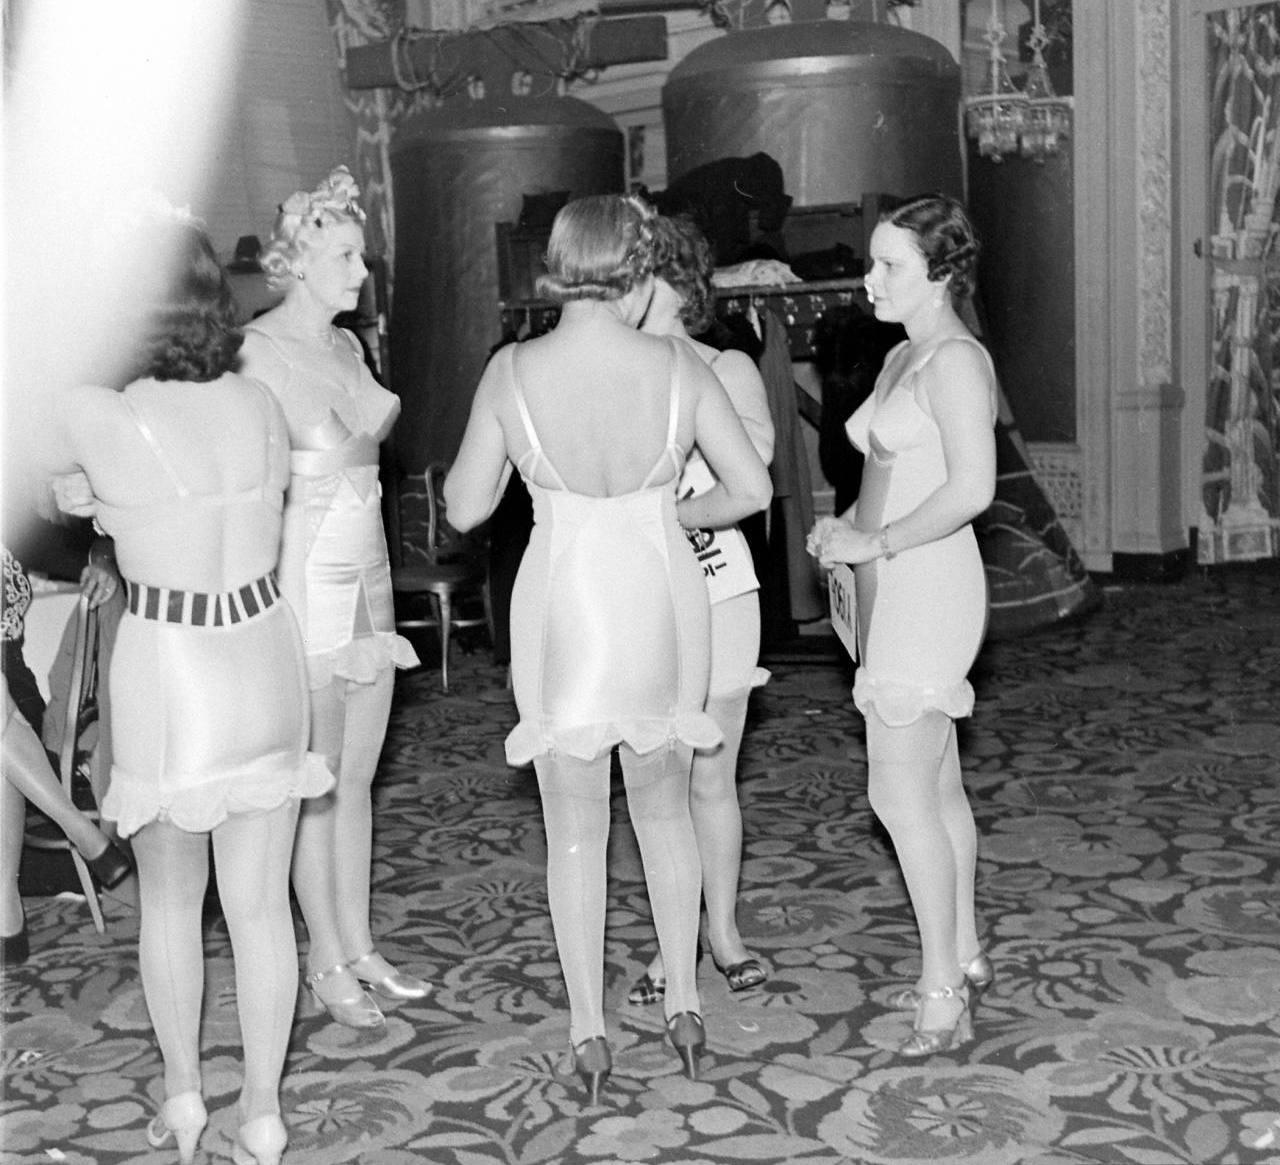 За кулисами показа нижнего белья 1940 года (35 фото)